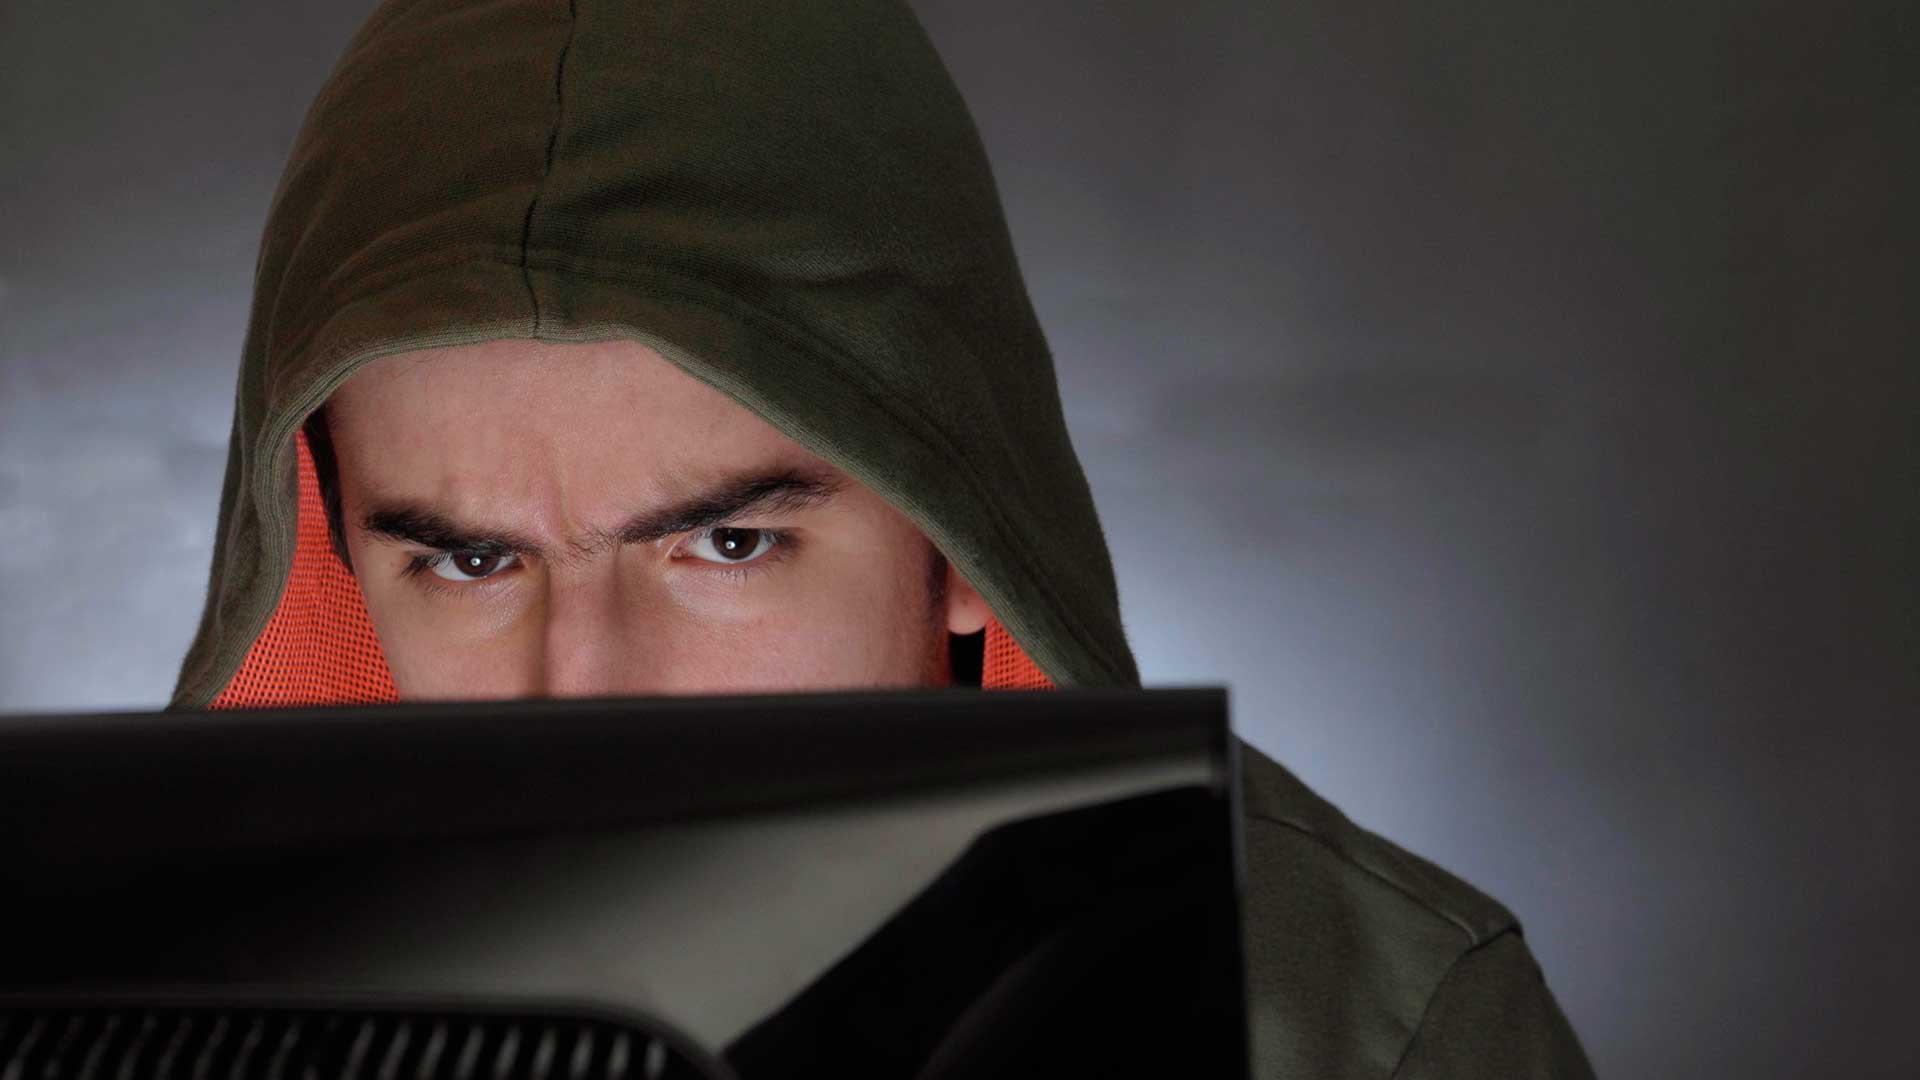 Los ciberataques y el robo de datos personales hacen de Internet una fuente de problemas y amenazas. Foto: Fernando Calzada/DEF.